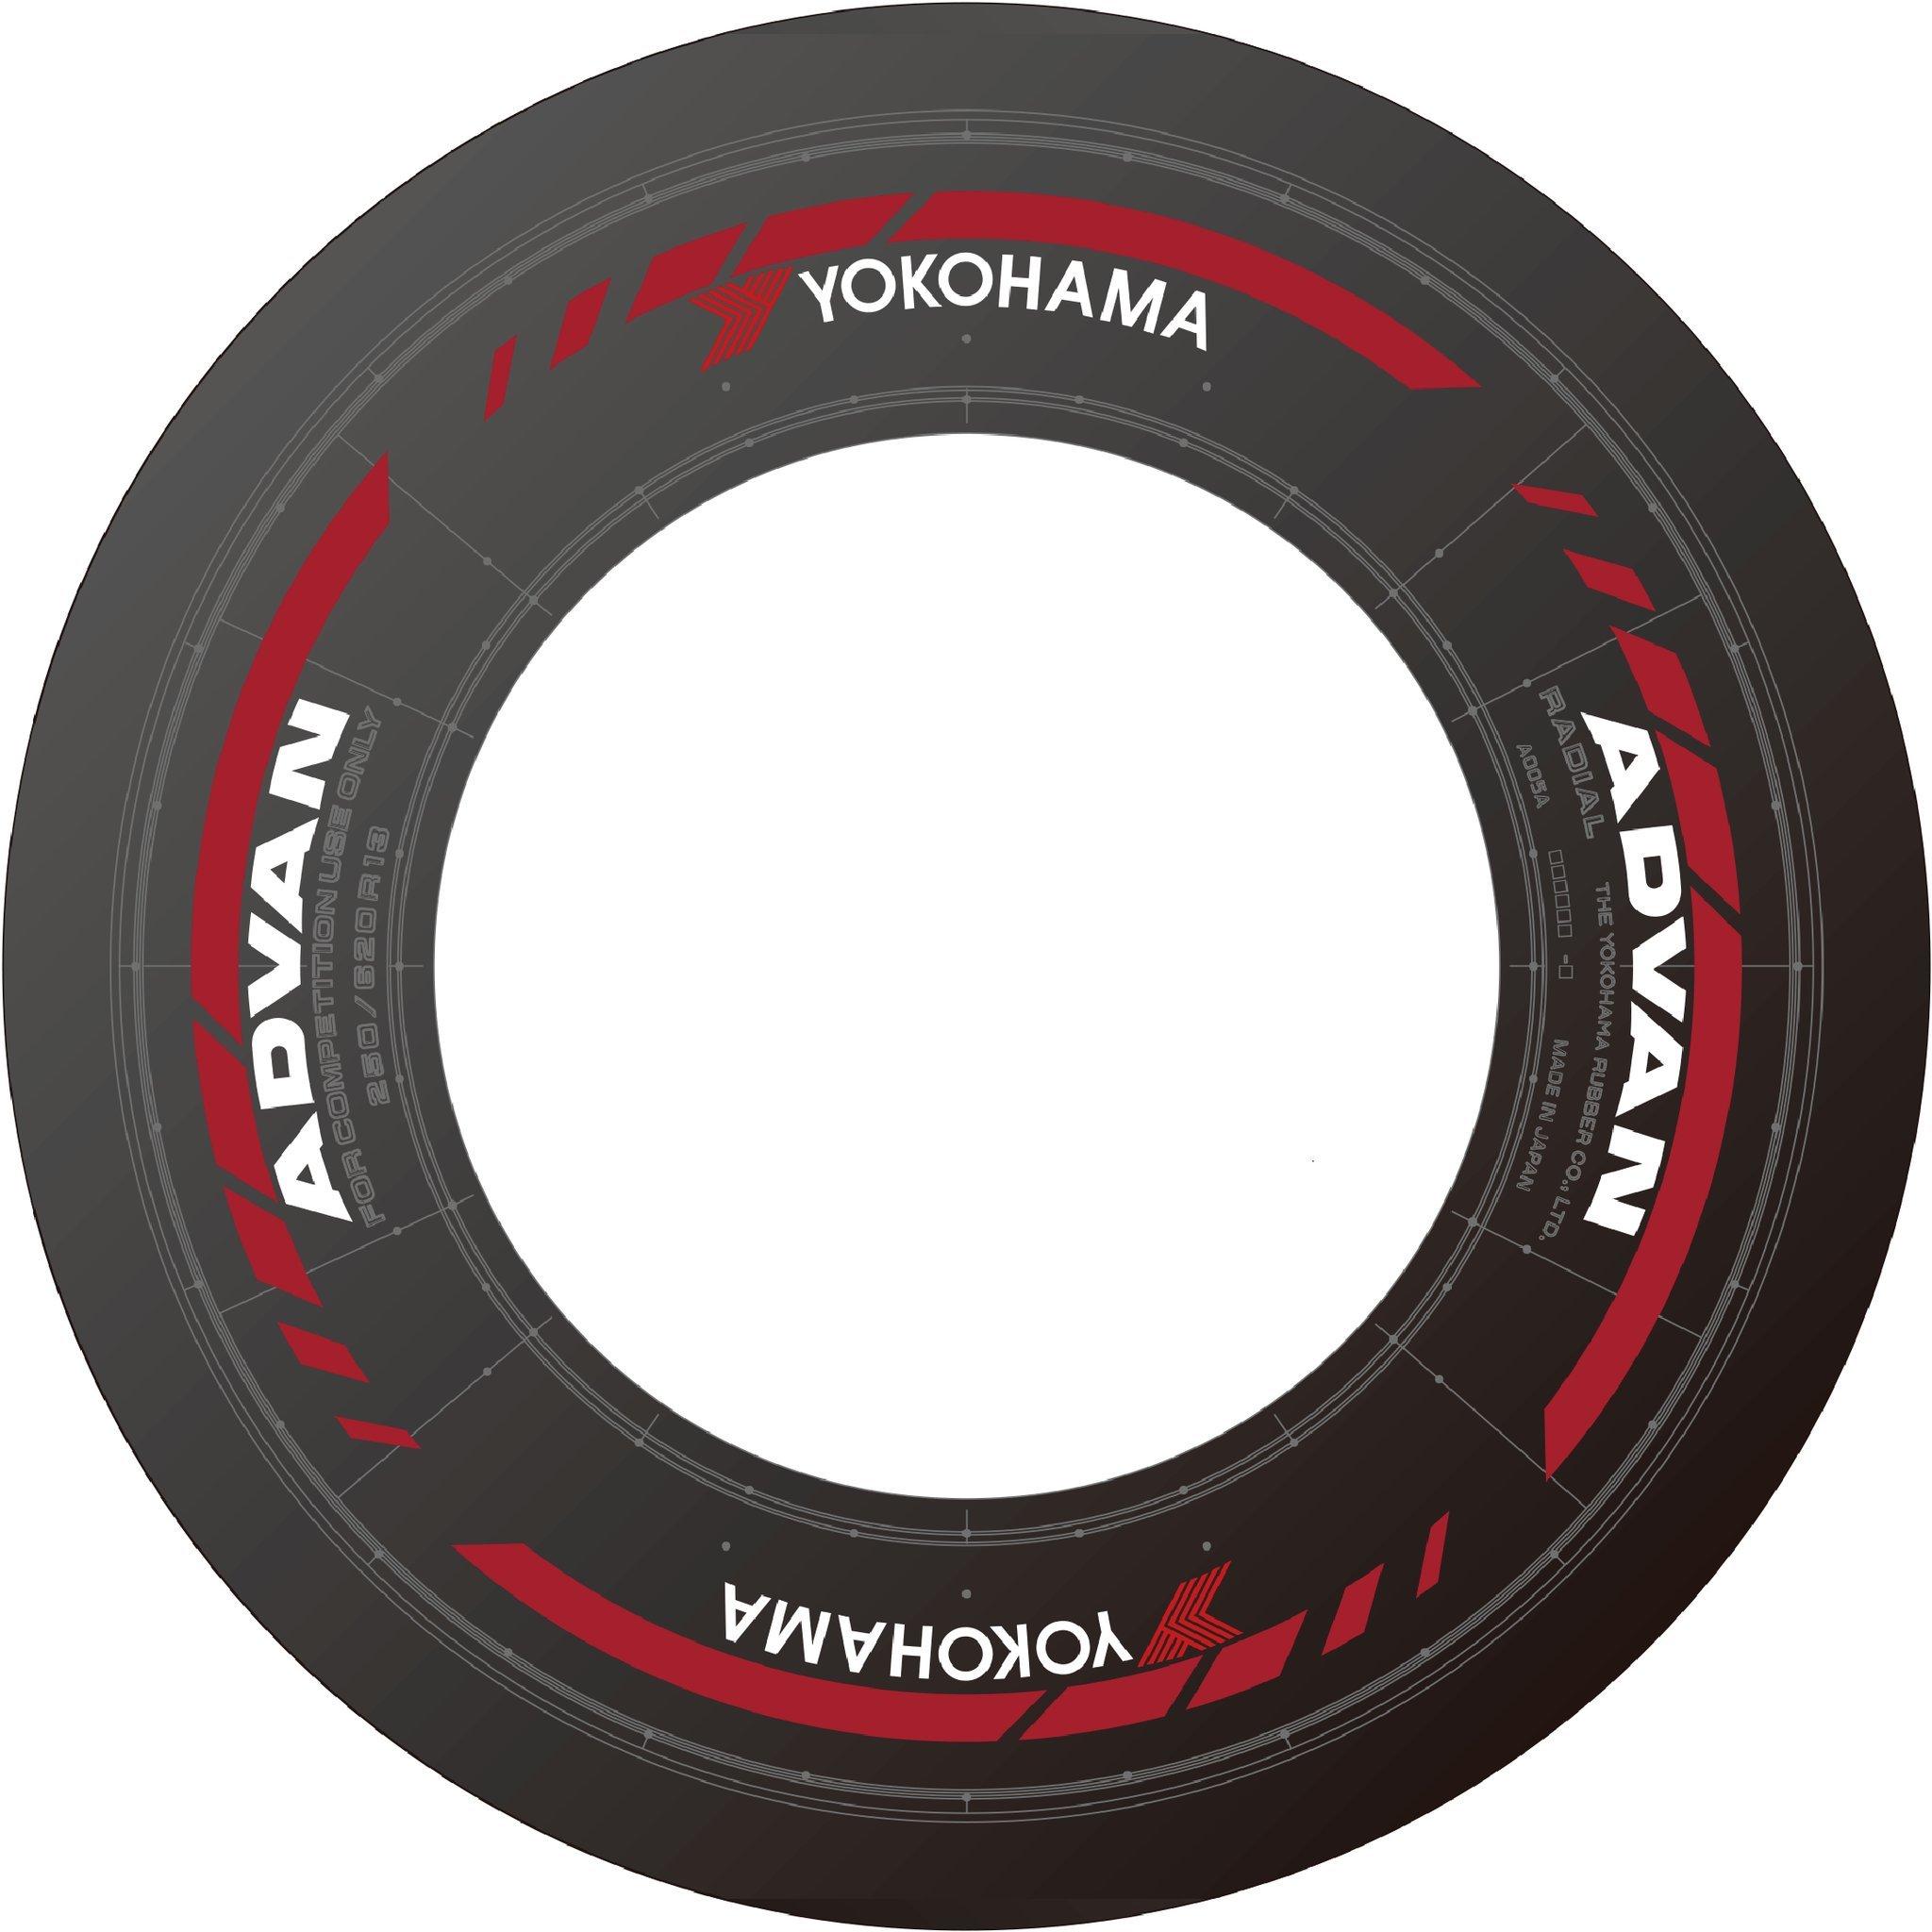 Neumático Yokohama Blando Super Fórmula 2017